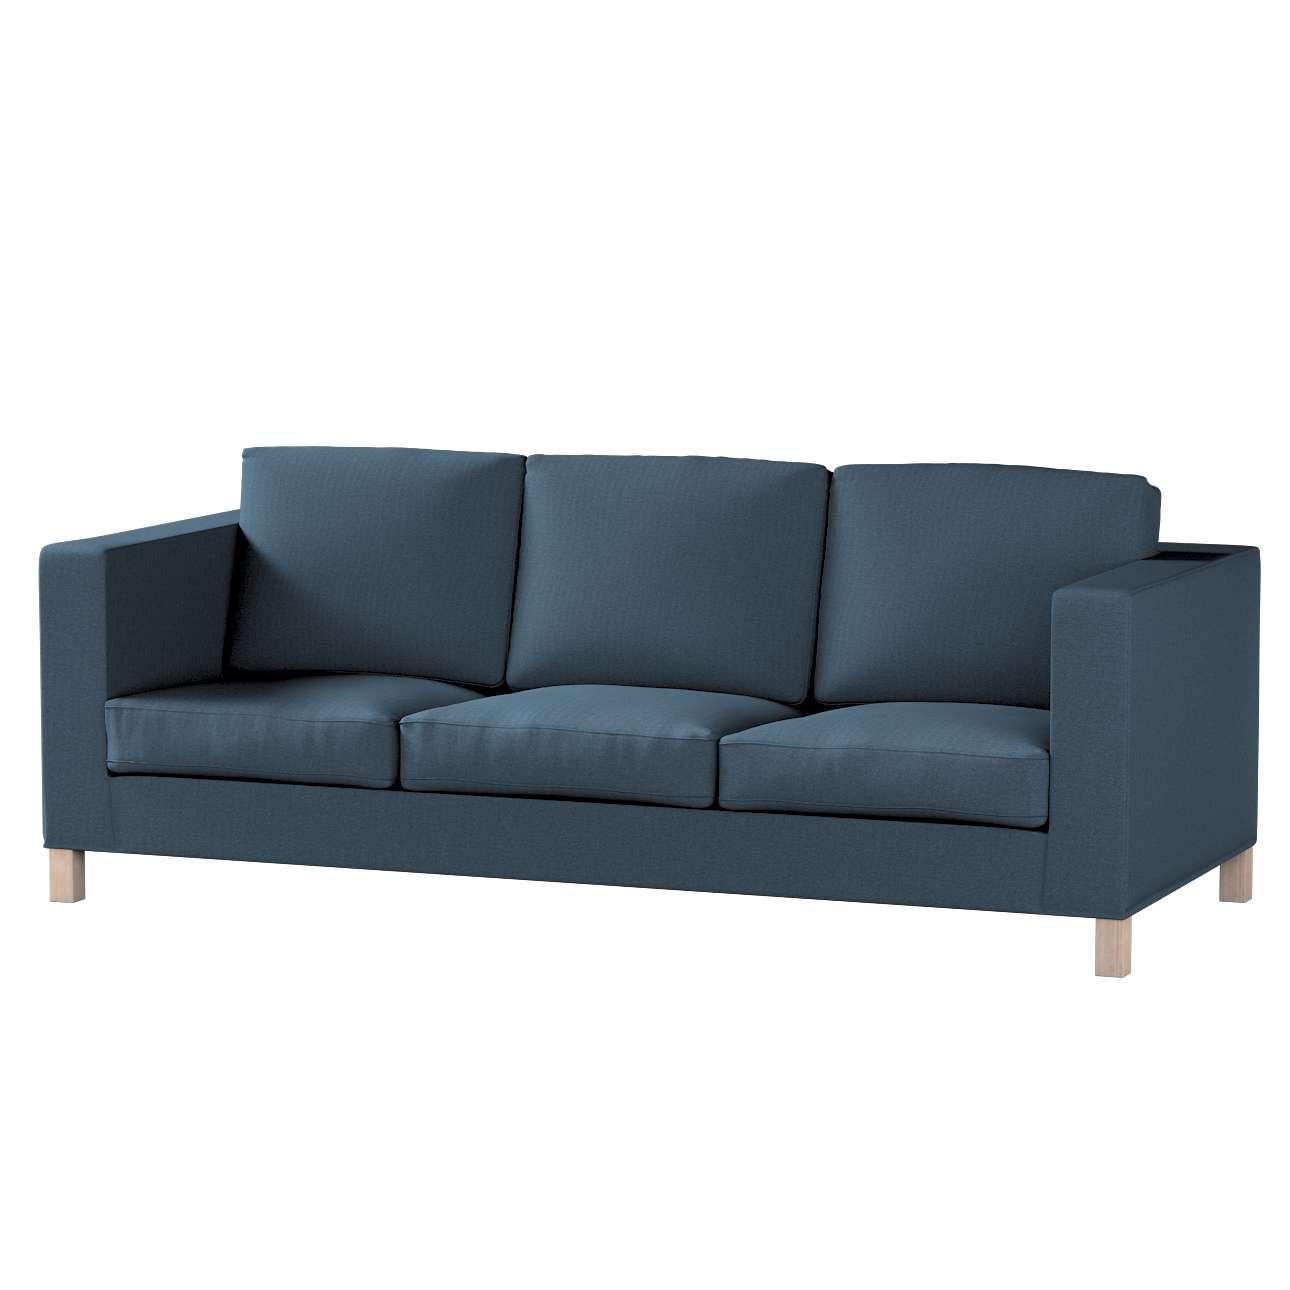 Karlanda klädsel <br>3-sits soffa - kort klädsel i kollektionen Etna, Tyg: 705-30